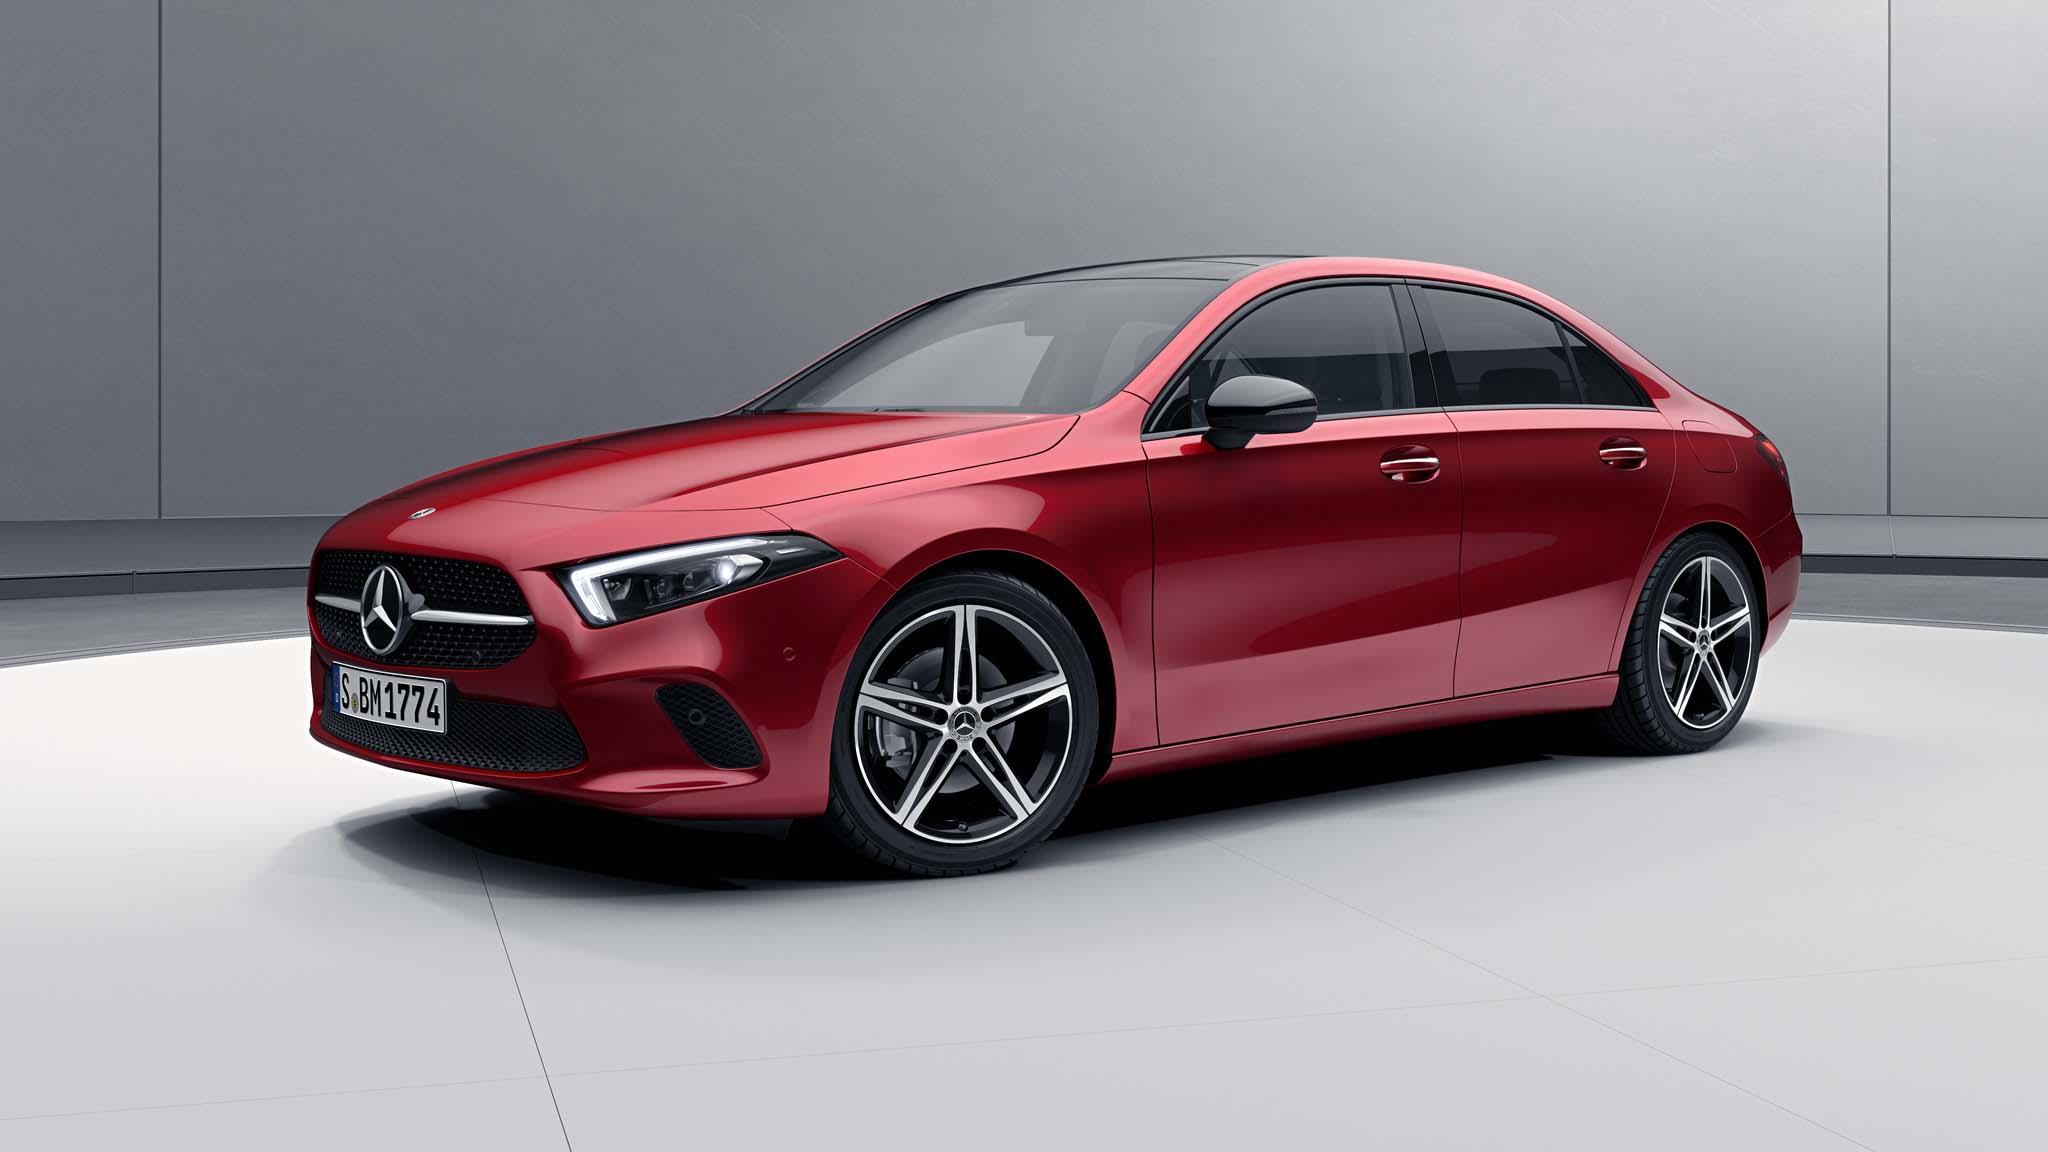 Vue de trois quarts de profil de la Mercedes Classe A Berline avec la peinture Designo Rouge Patagonie métallisé